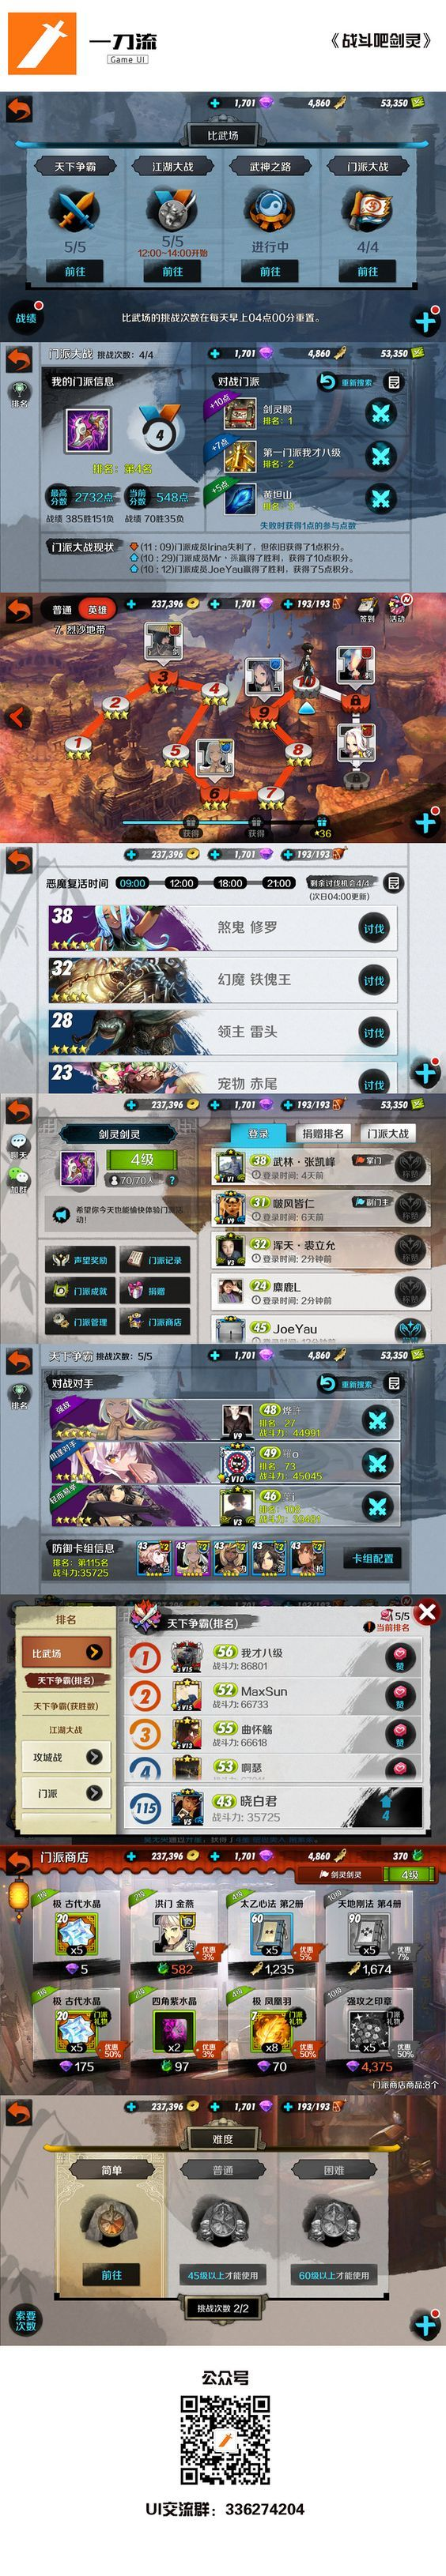 战斗吧剑灵 游戏UI: